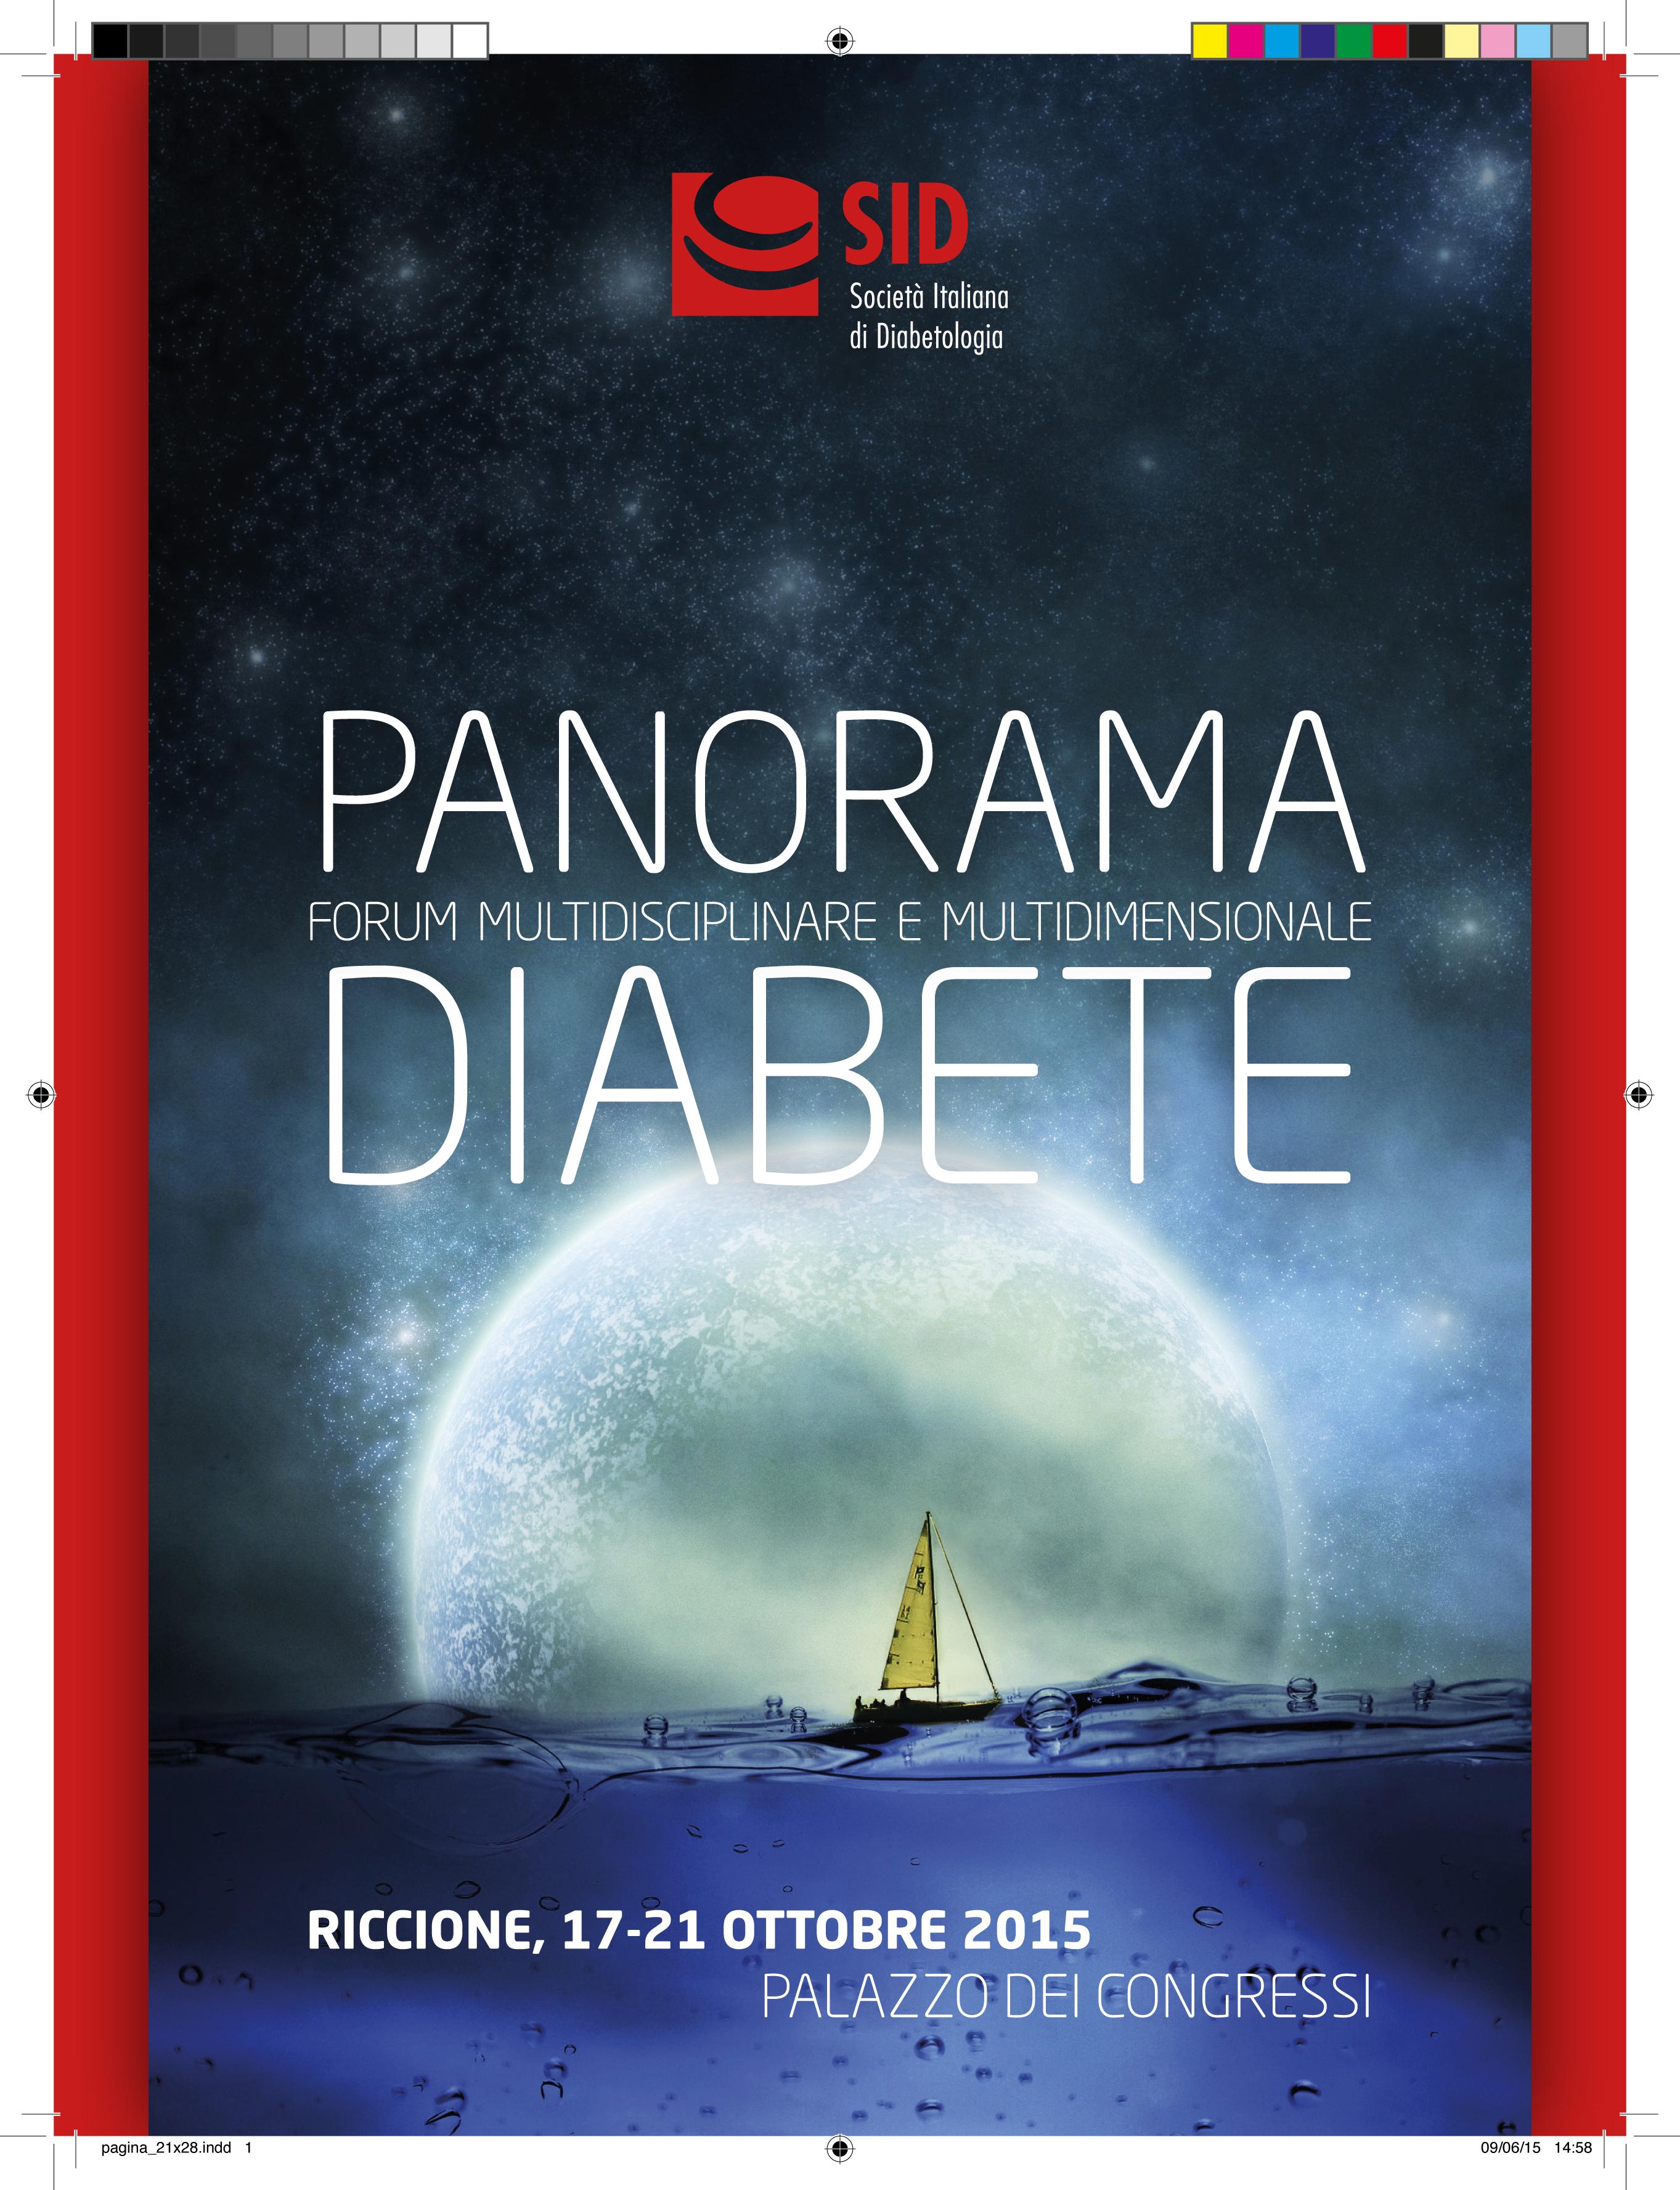 Panorama Diabete 2015: a Riccione nei giorni 17-21 Ottobre